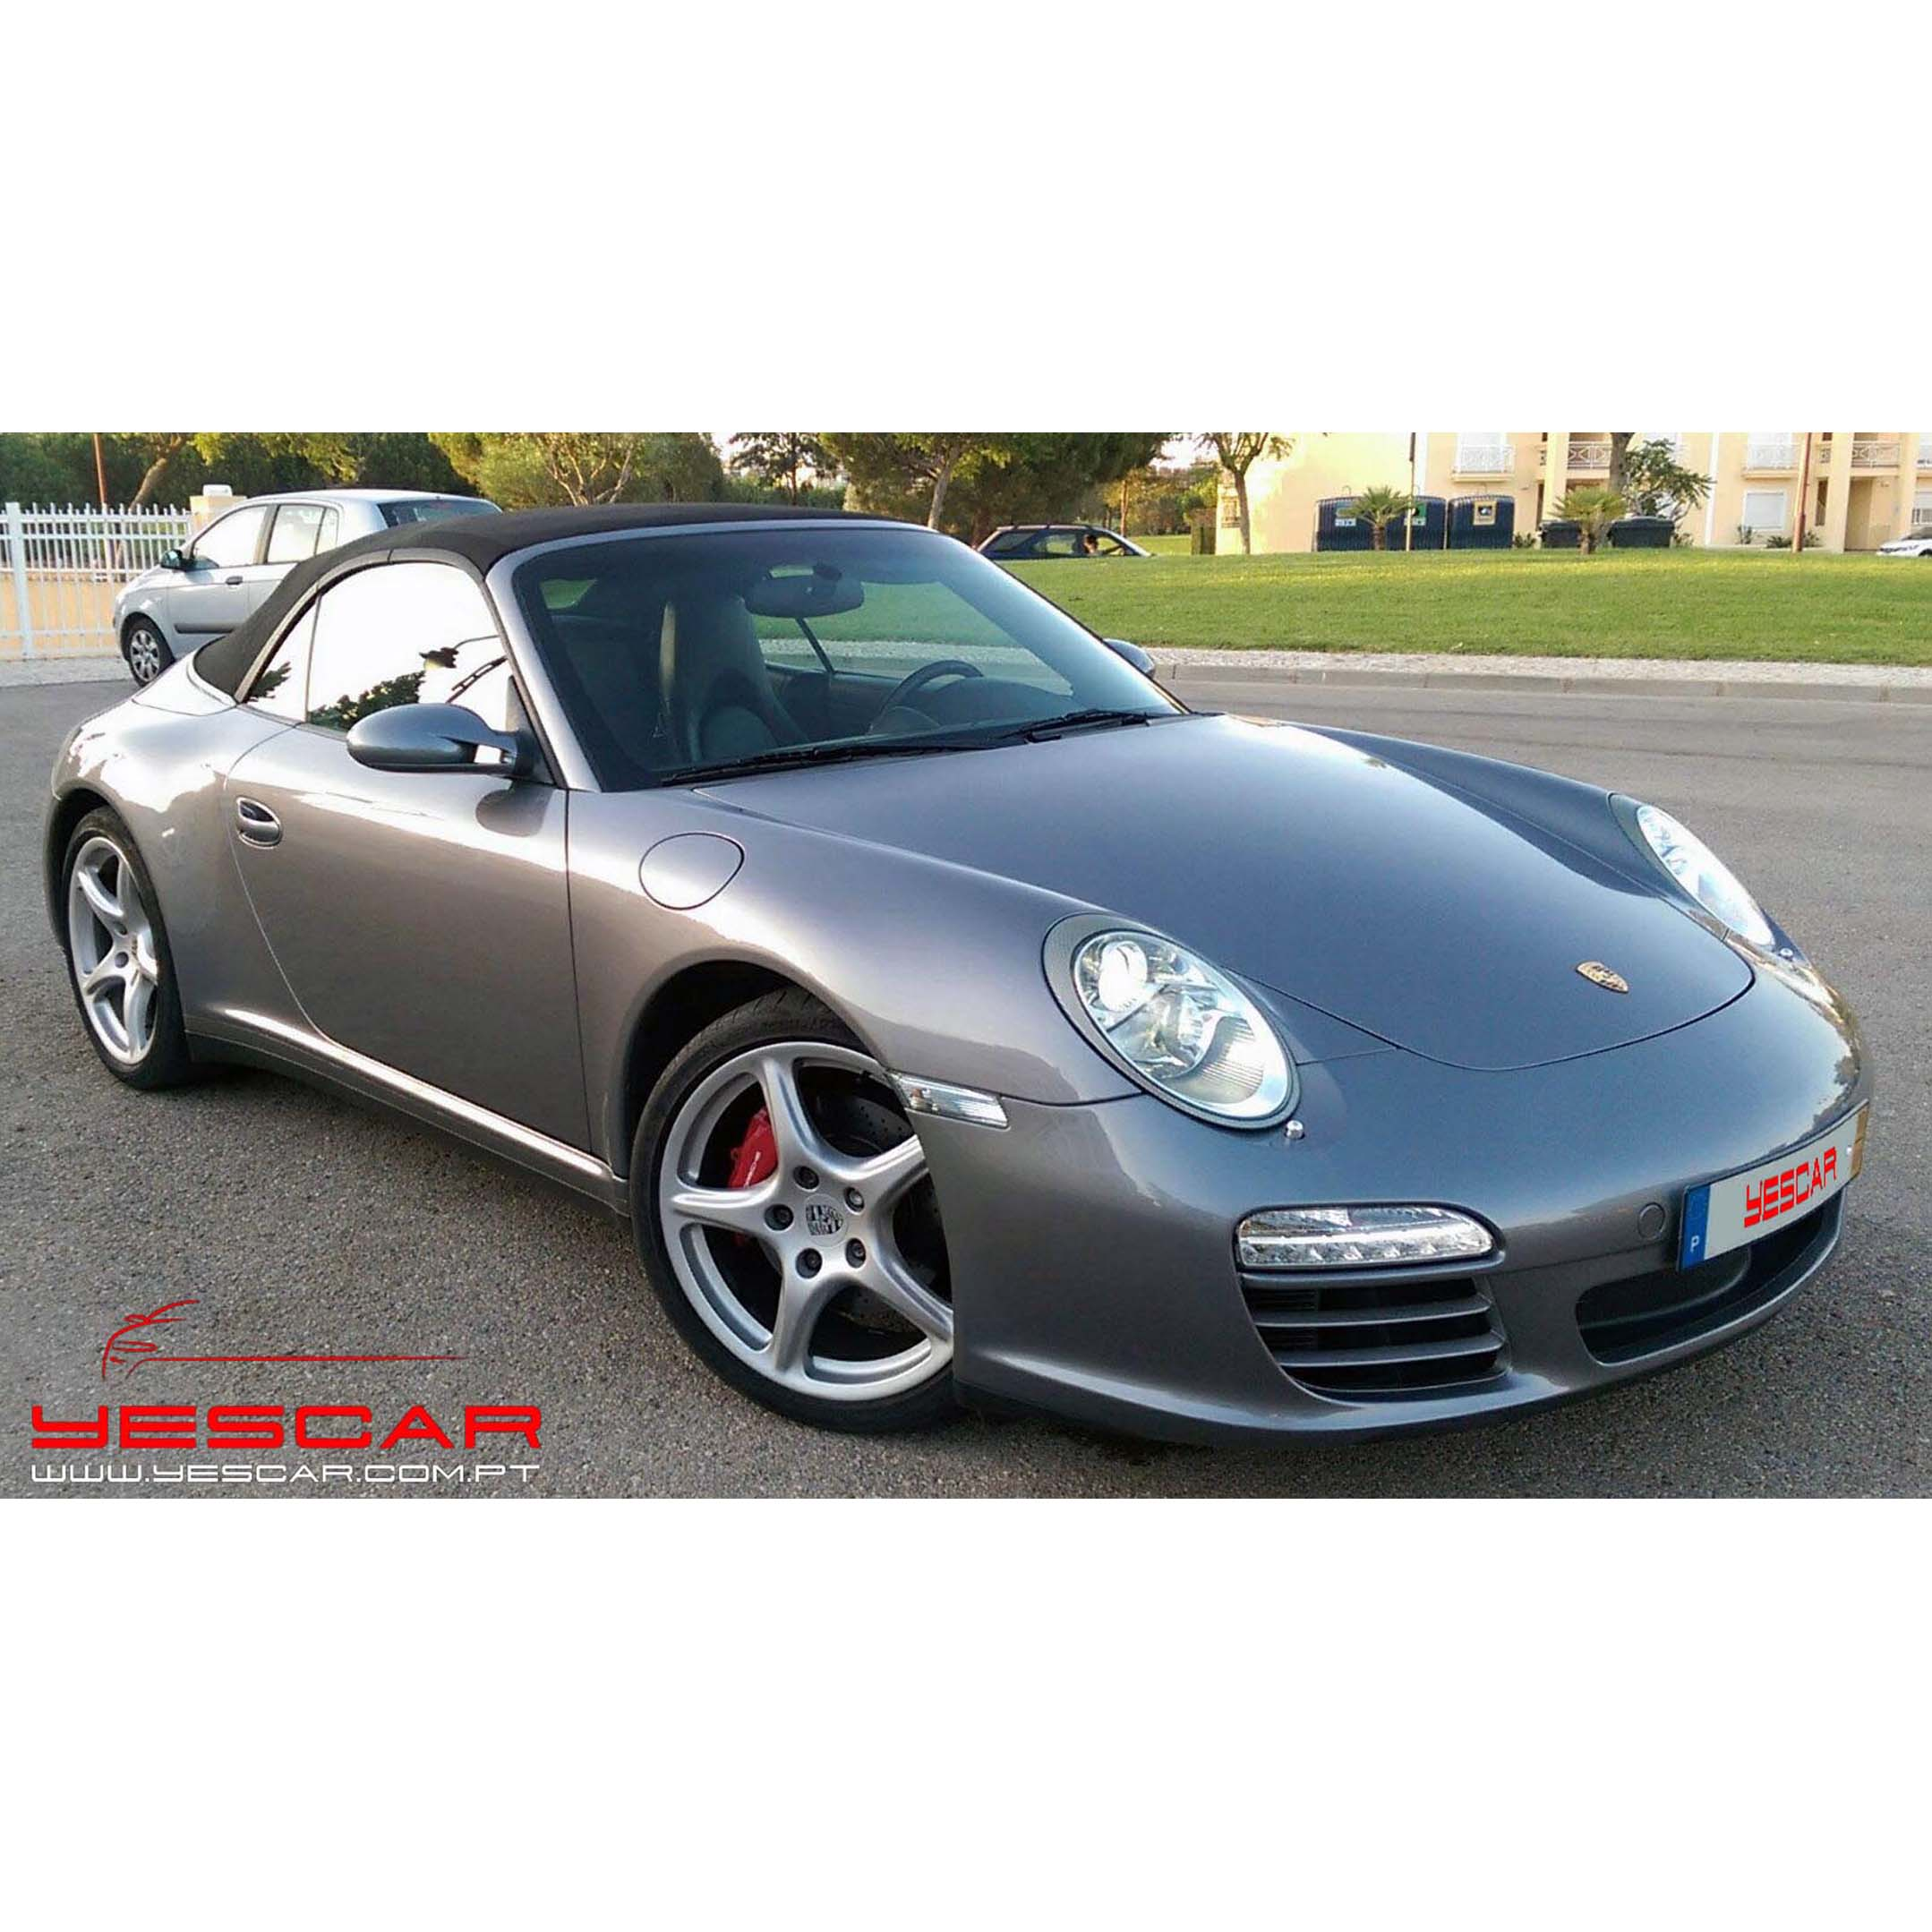 YESCAR_Porsche_911 (10)